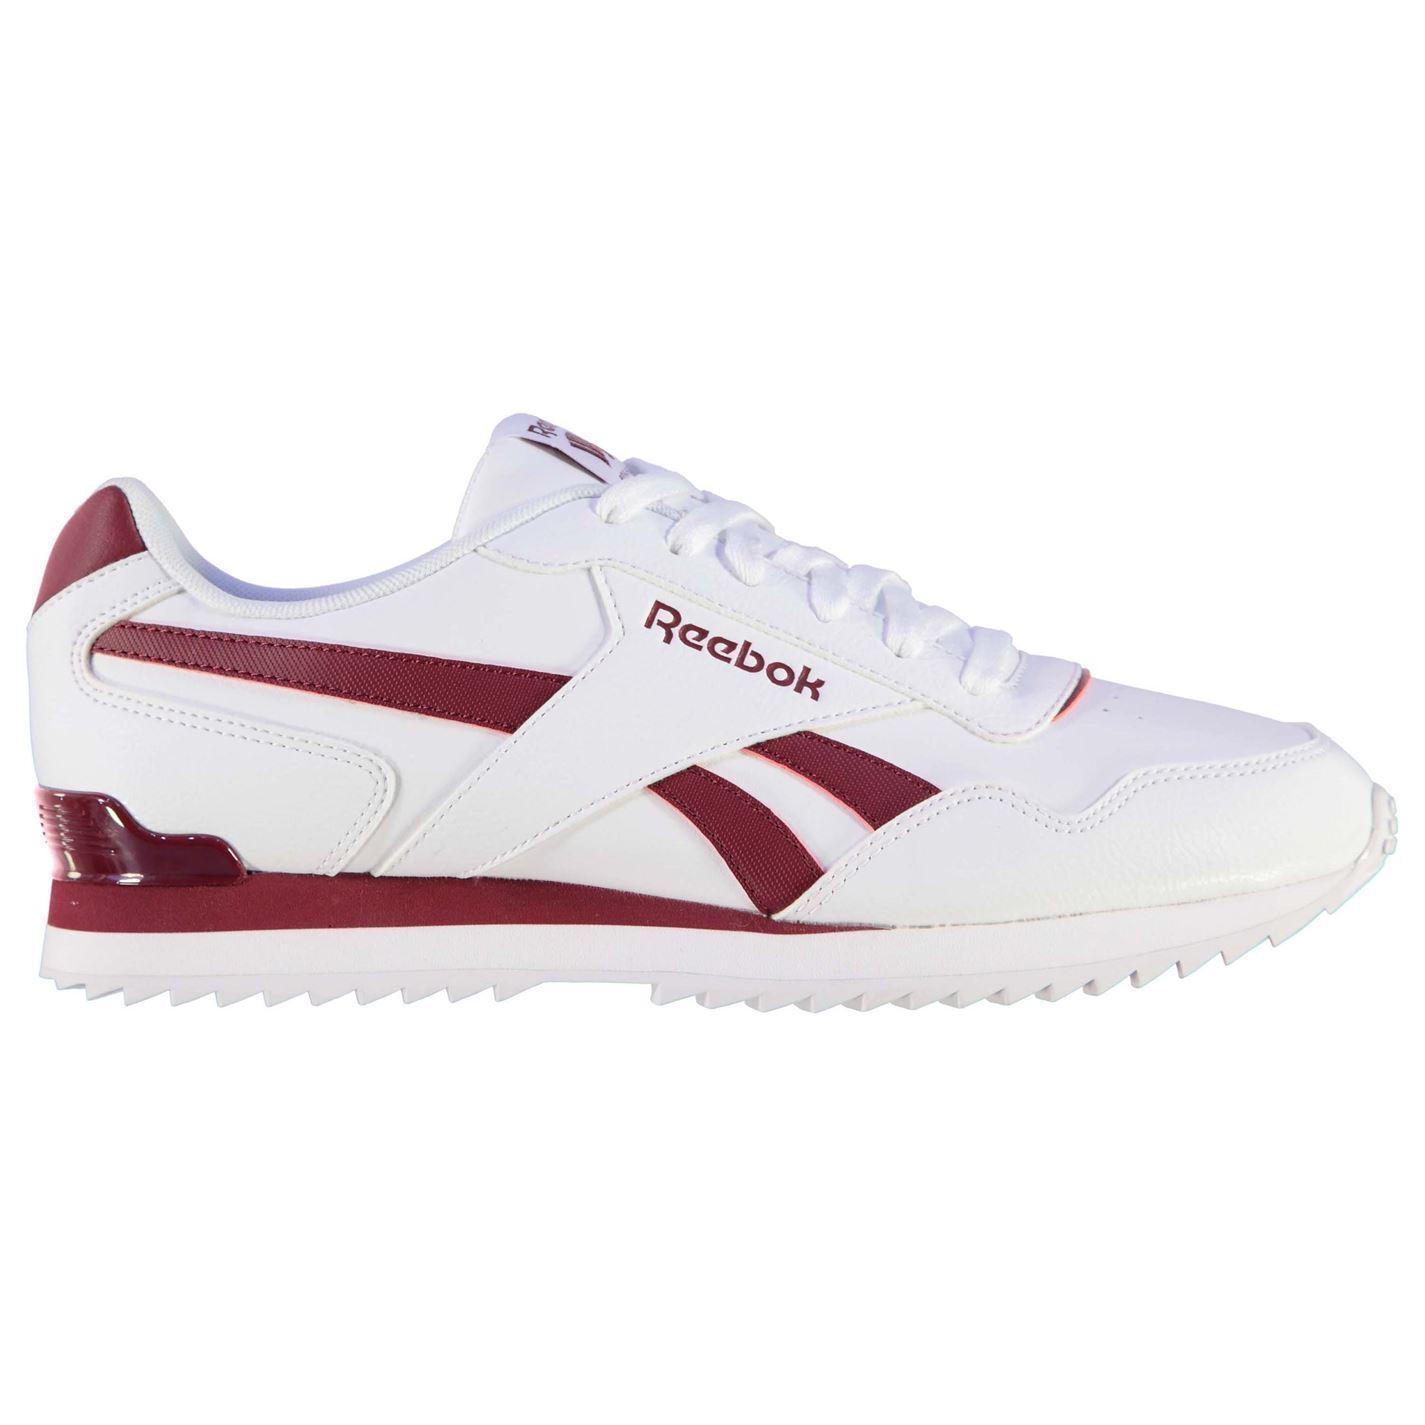 Reebok Glide Rip Clip Trainers Uomo Wht/Burgundy Sports Scarpe Scarpe da Ginnastica Footwear